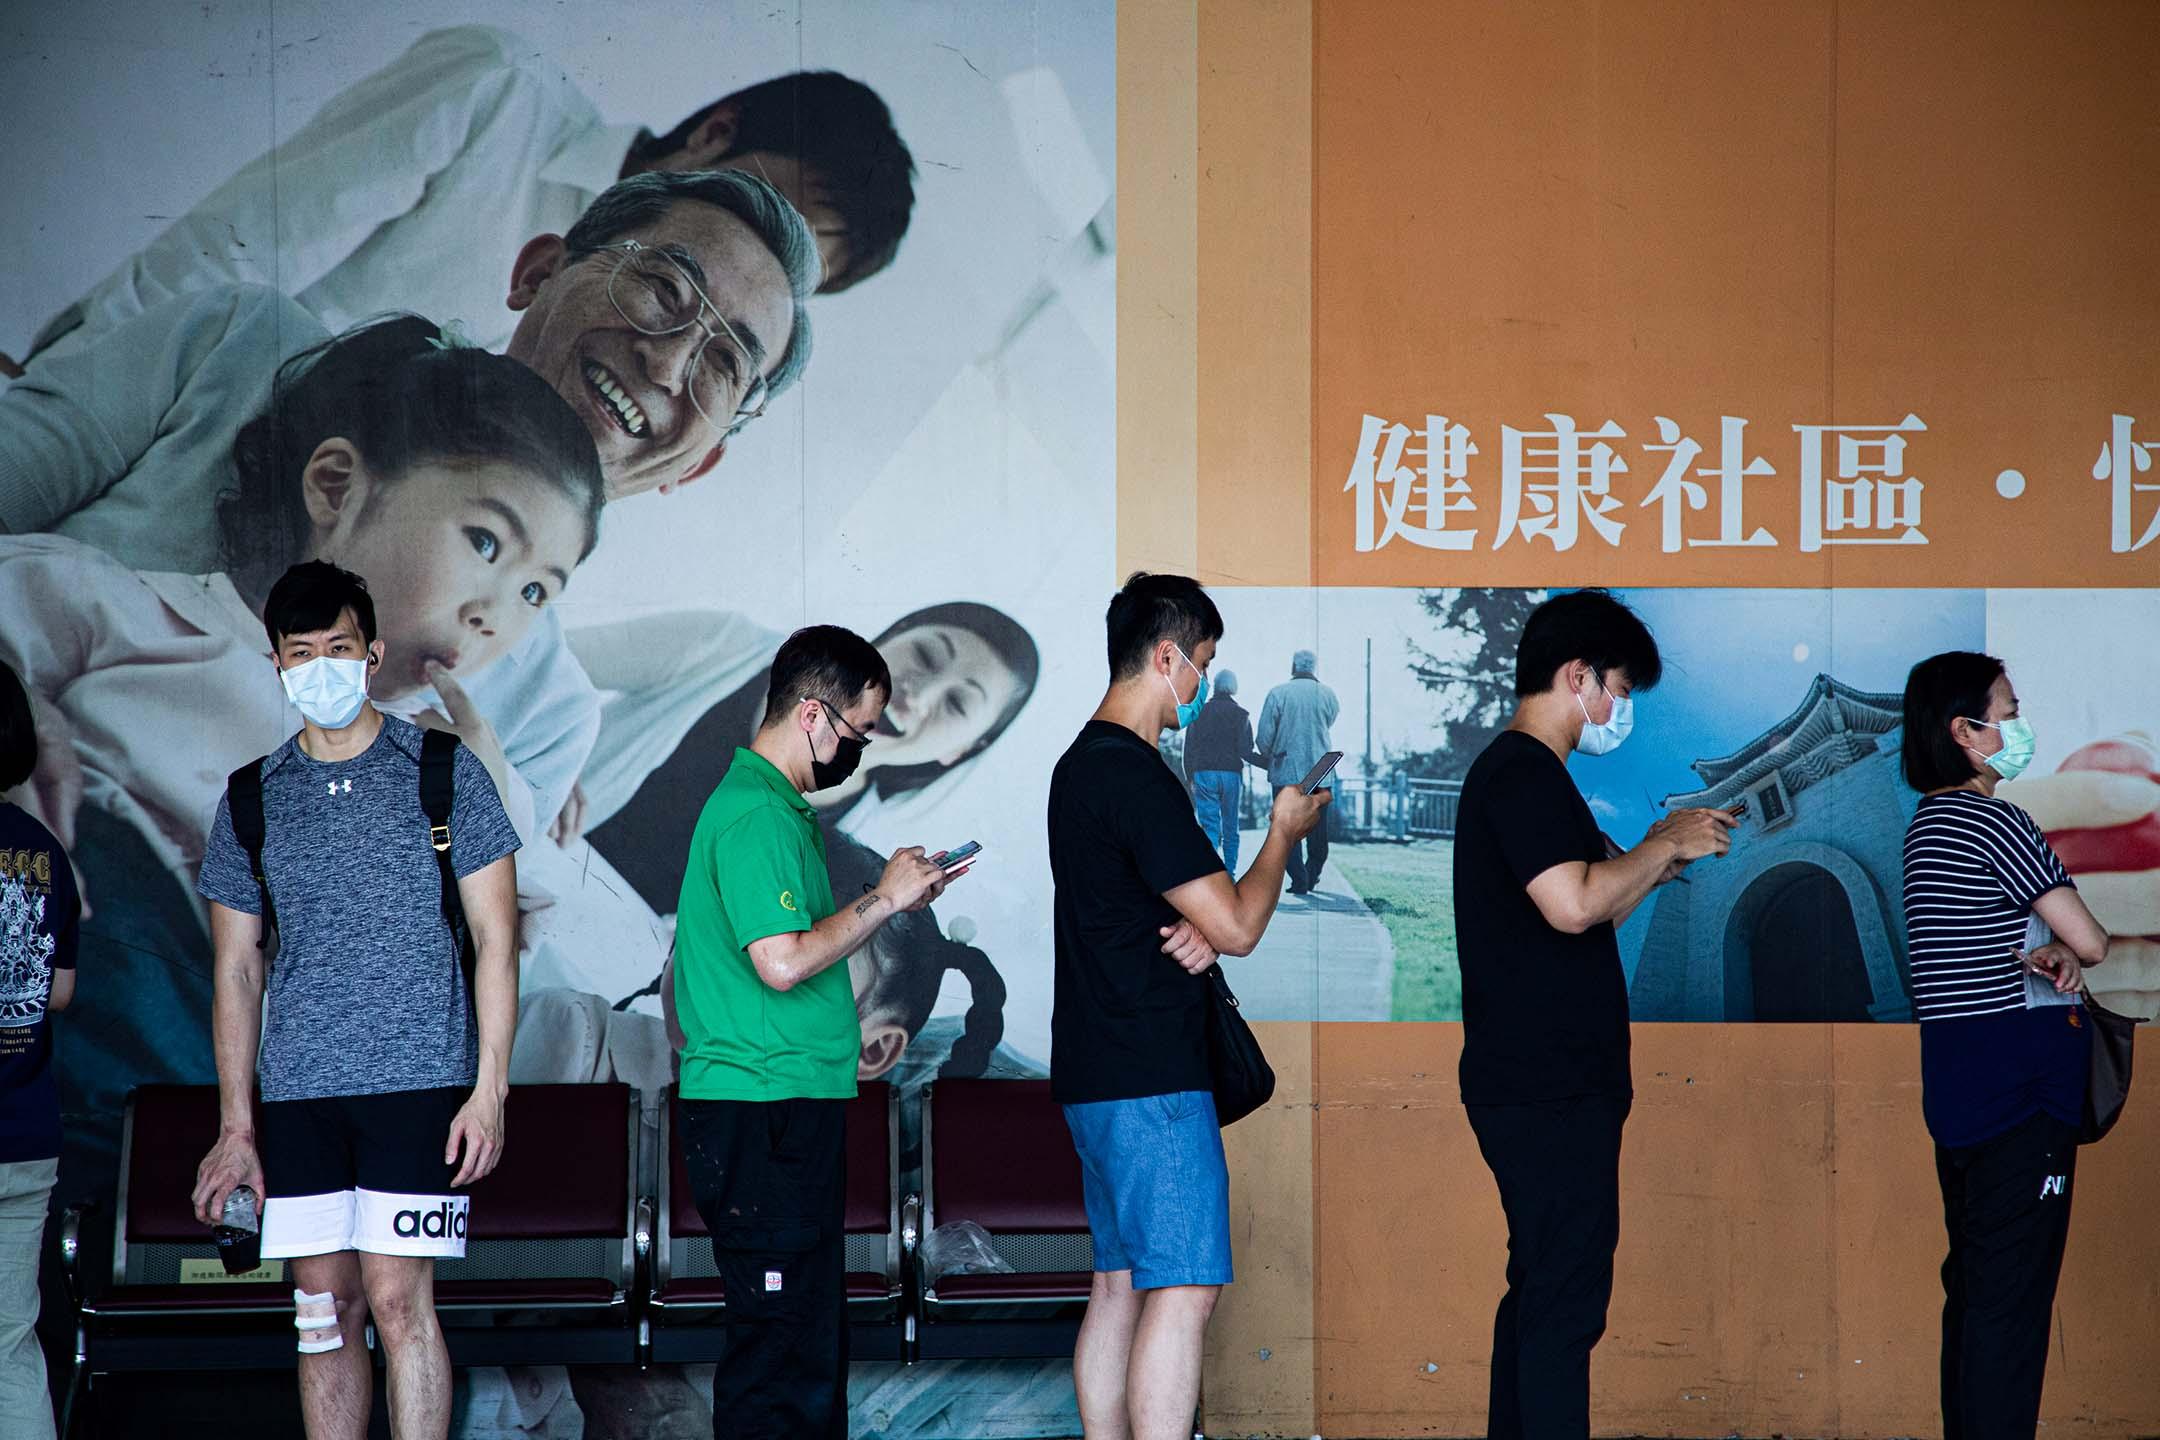 2021年5月16日台灣台北,一線工作人員在醫院外排隊接種疫苗。